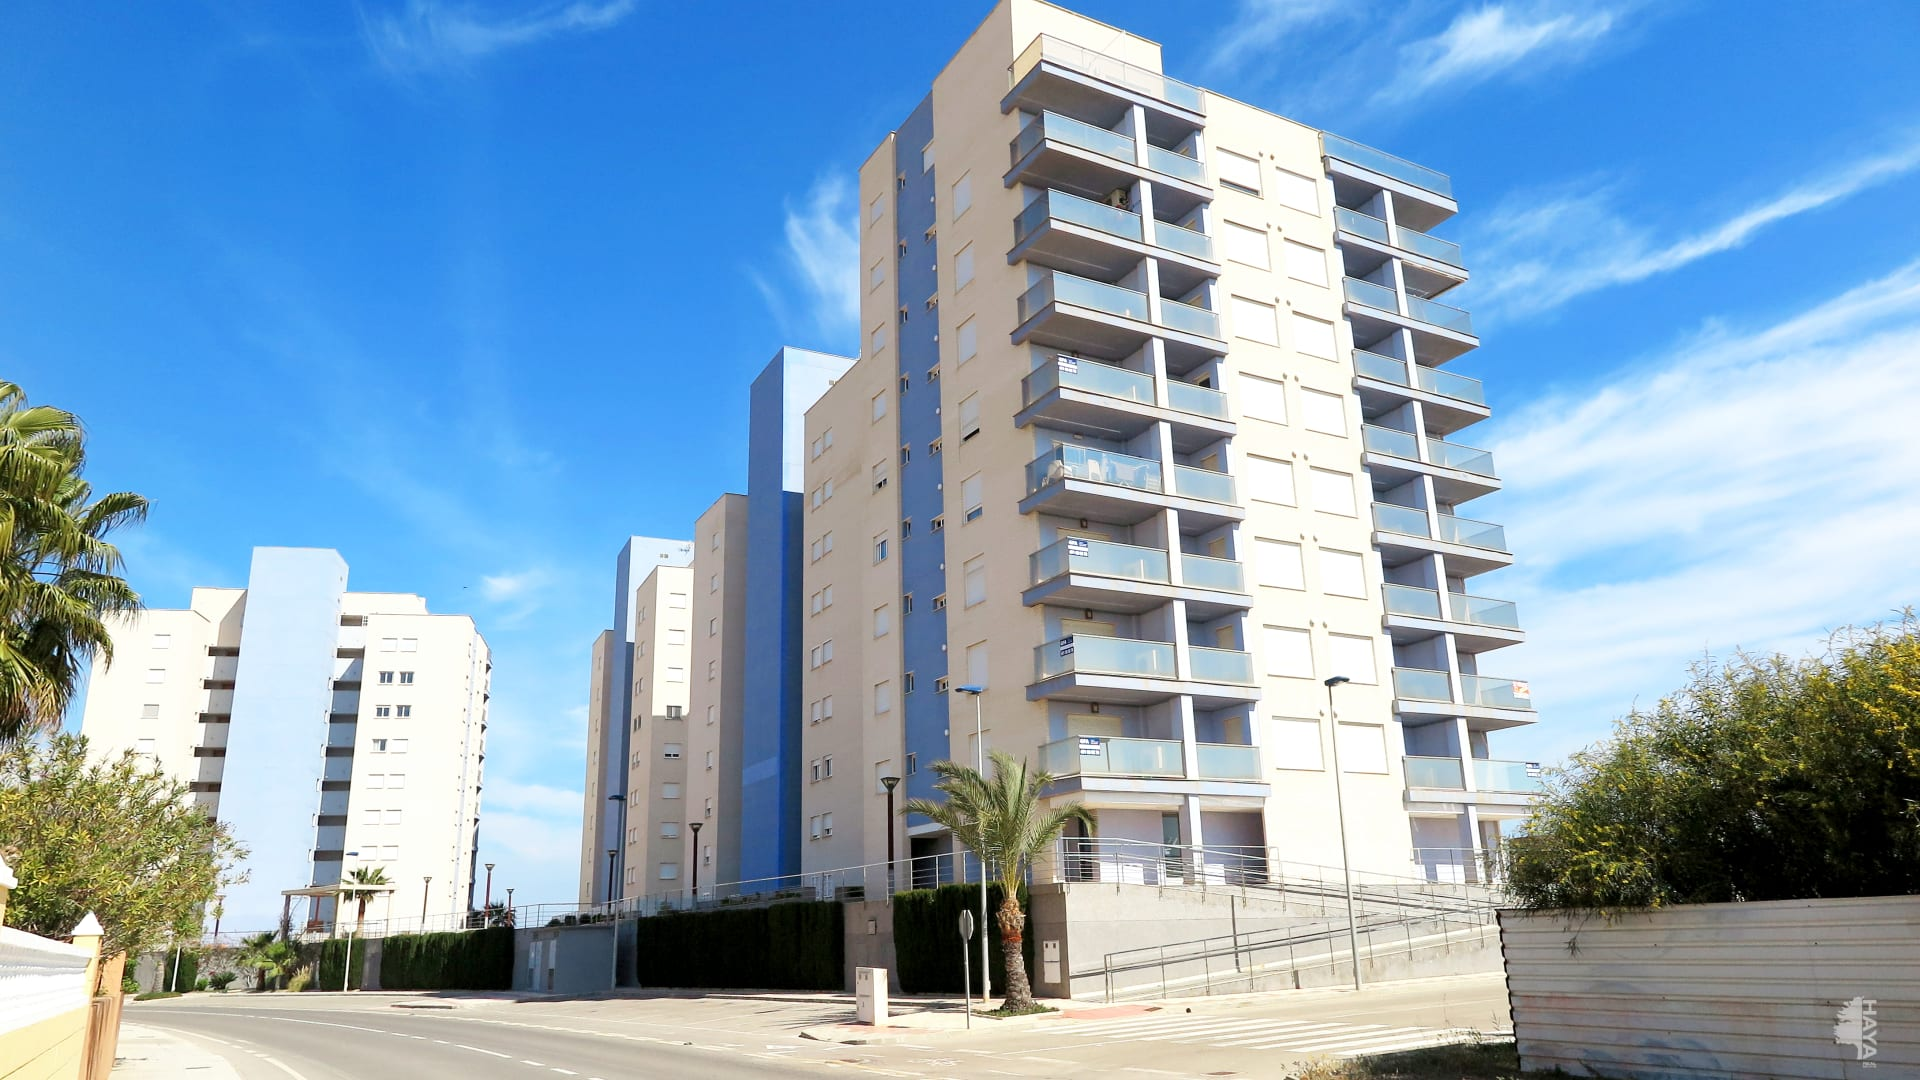 Piso en venta en Piso en San Javier, Murcia, 121.000 €, 1 habitación, 1 baño, 60 m2, Garaje